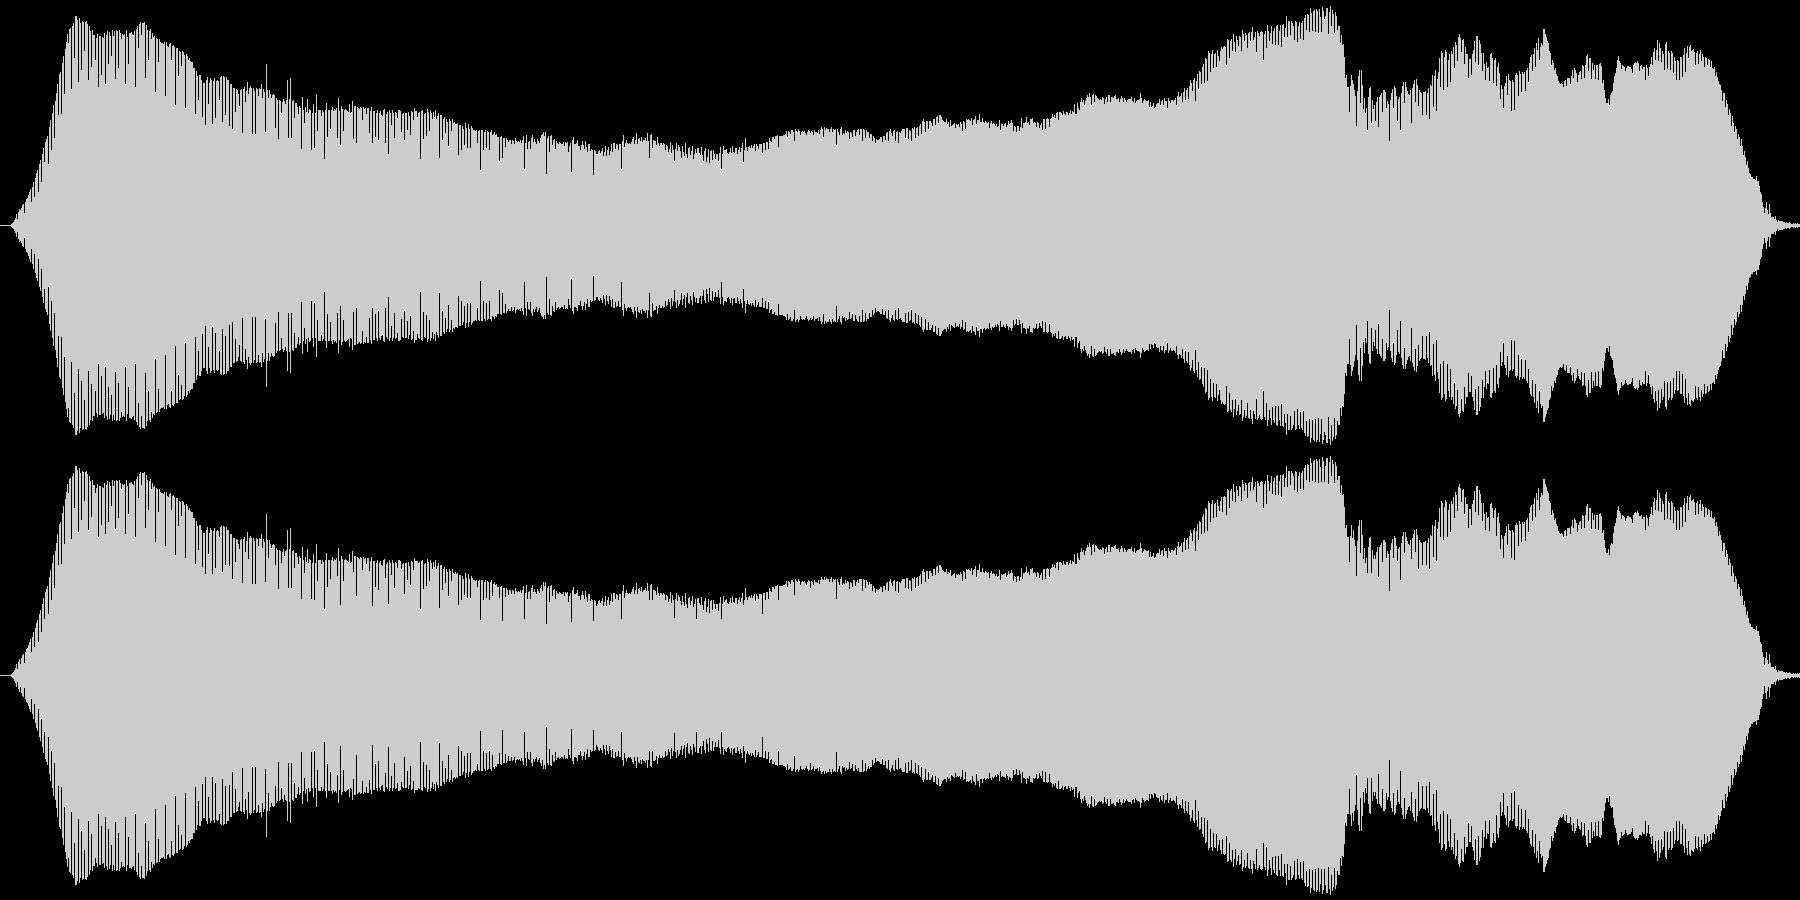 猫の鳴き声(ニャウ~ン)の未再生の波形